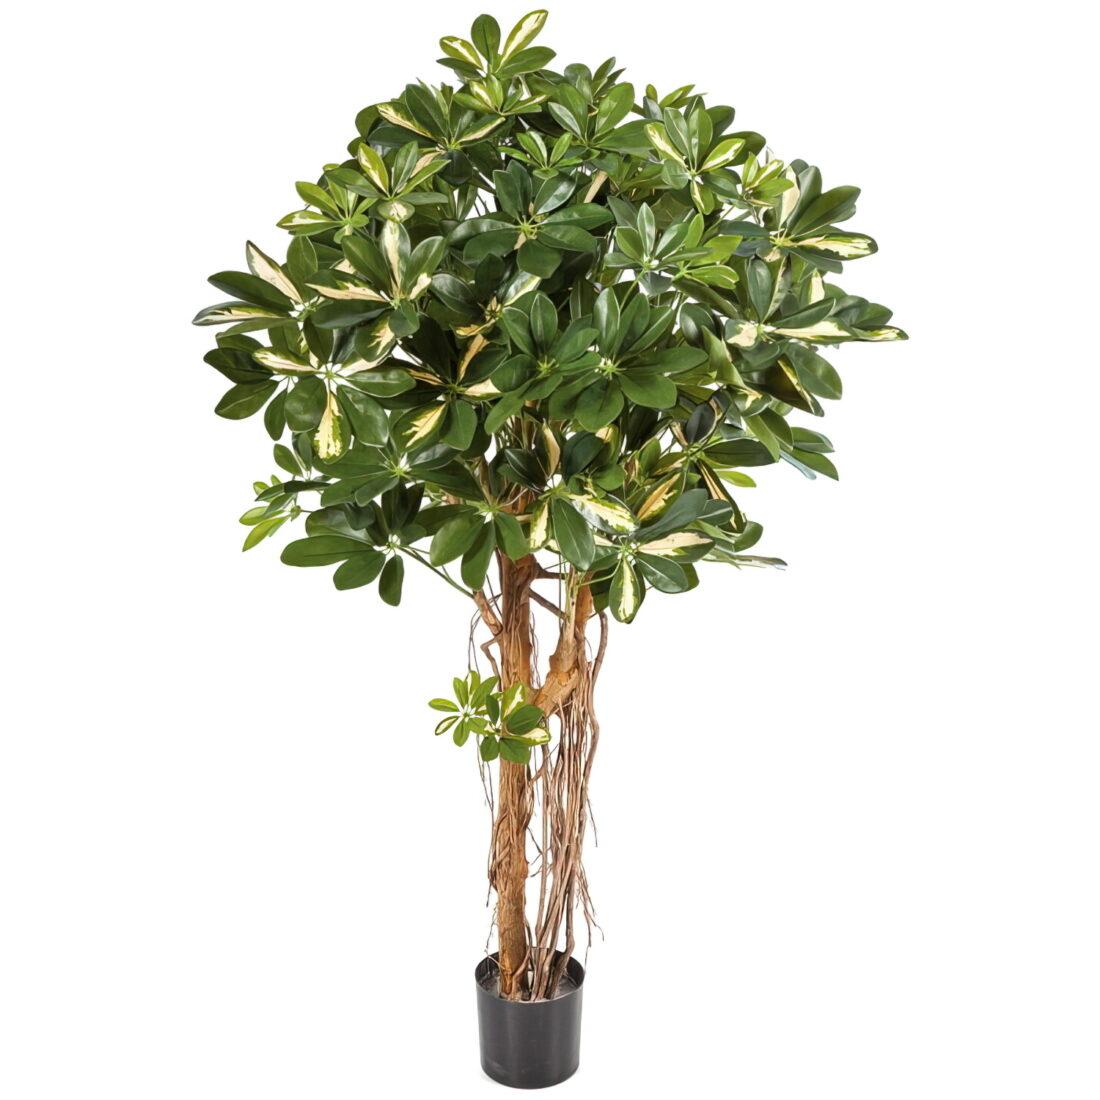 Искусственное растение Шеффлера зонтичная пестрая, высота 140 см